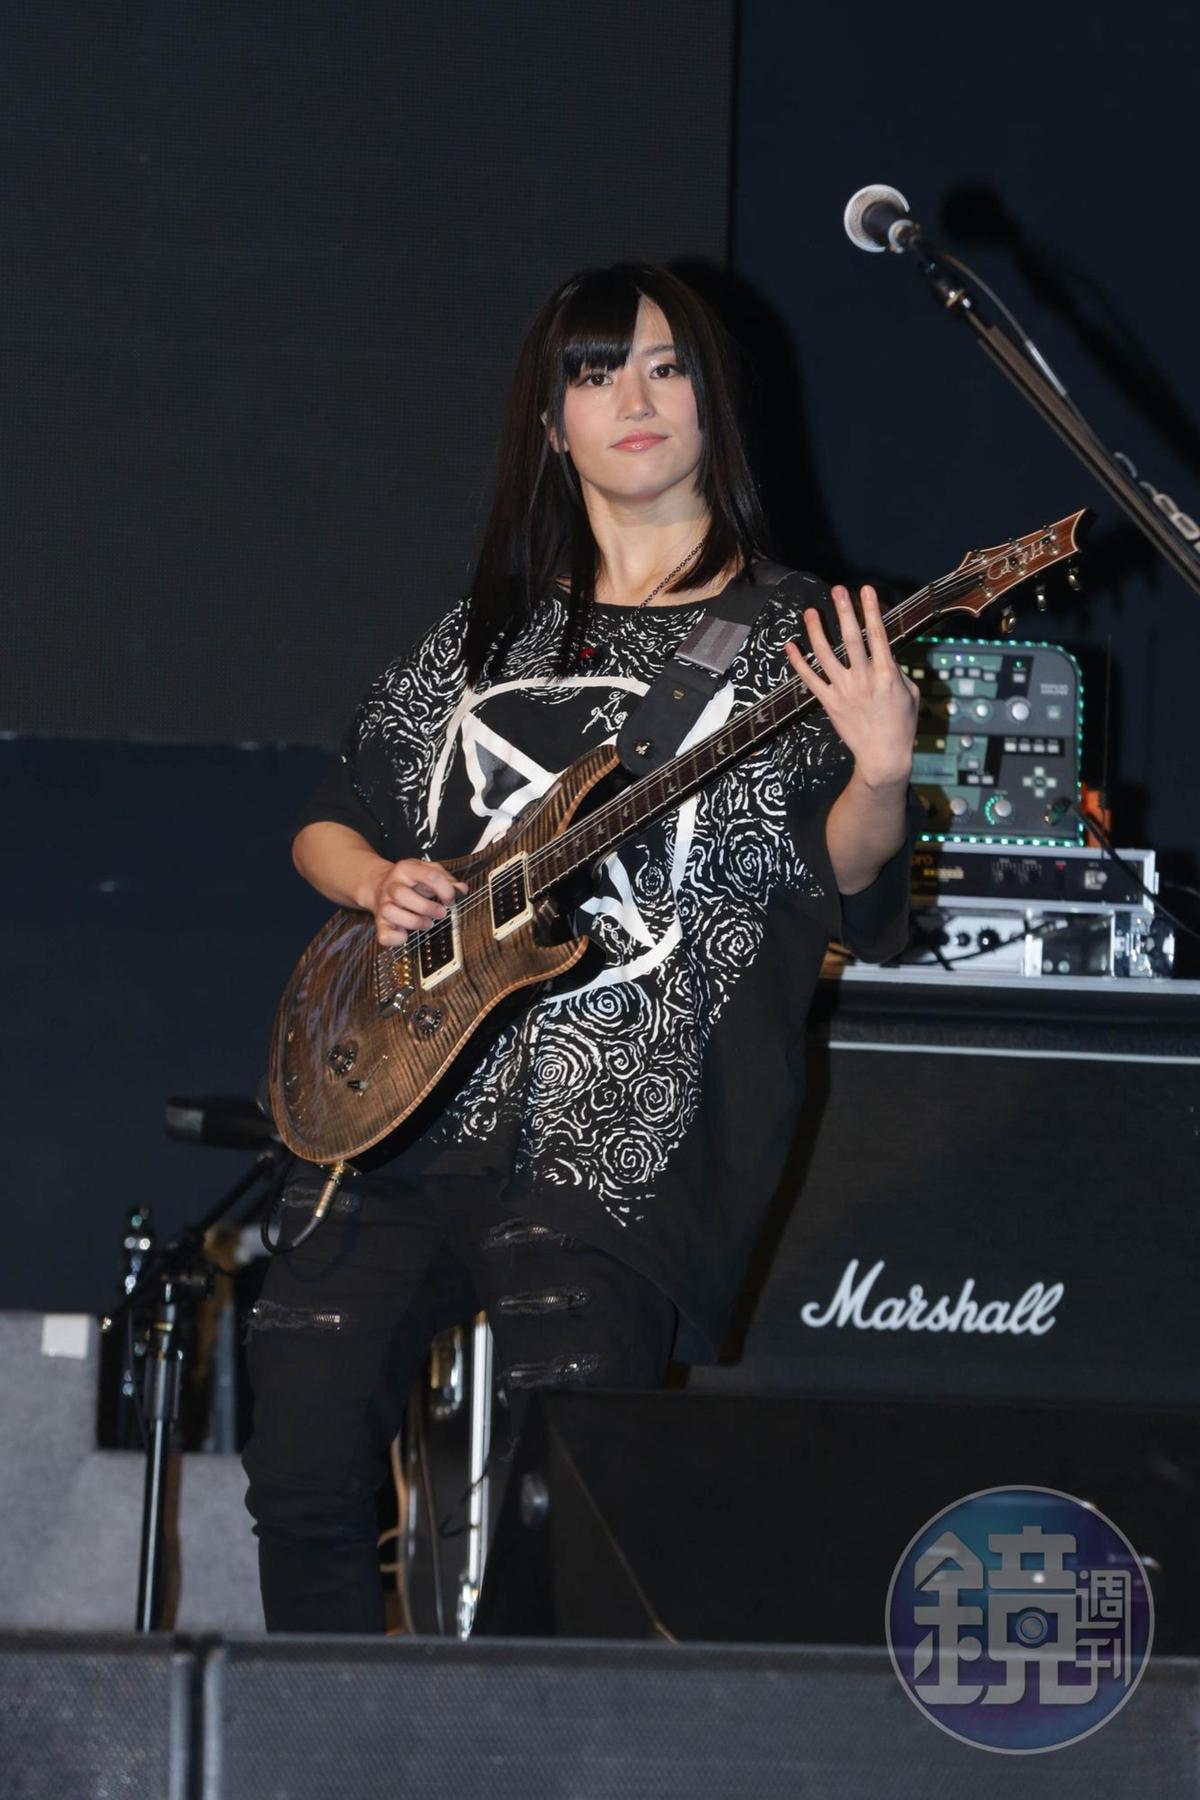 高橋聖子曾經以「荷爾德林Holderlins」樂團吉他手來台演出。